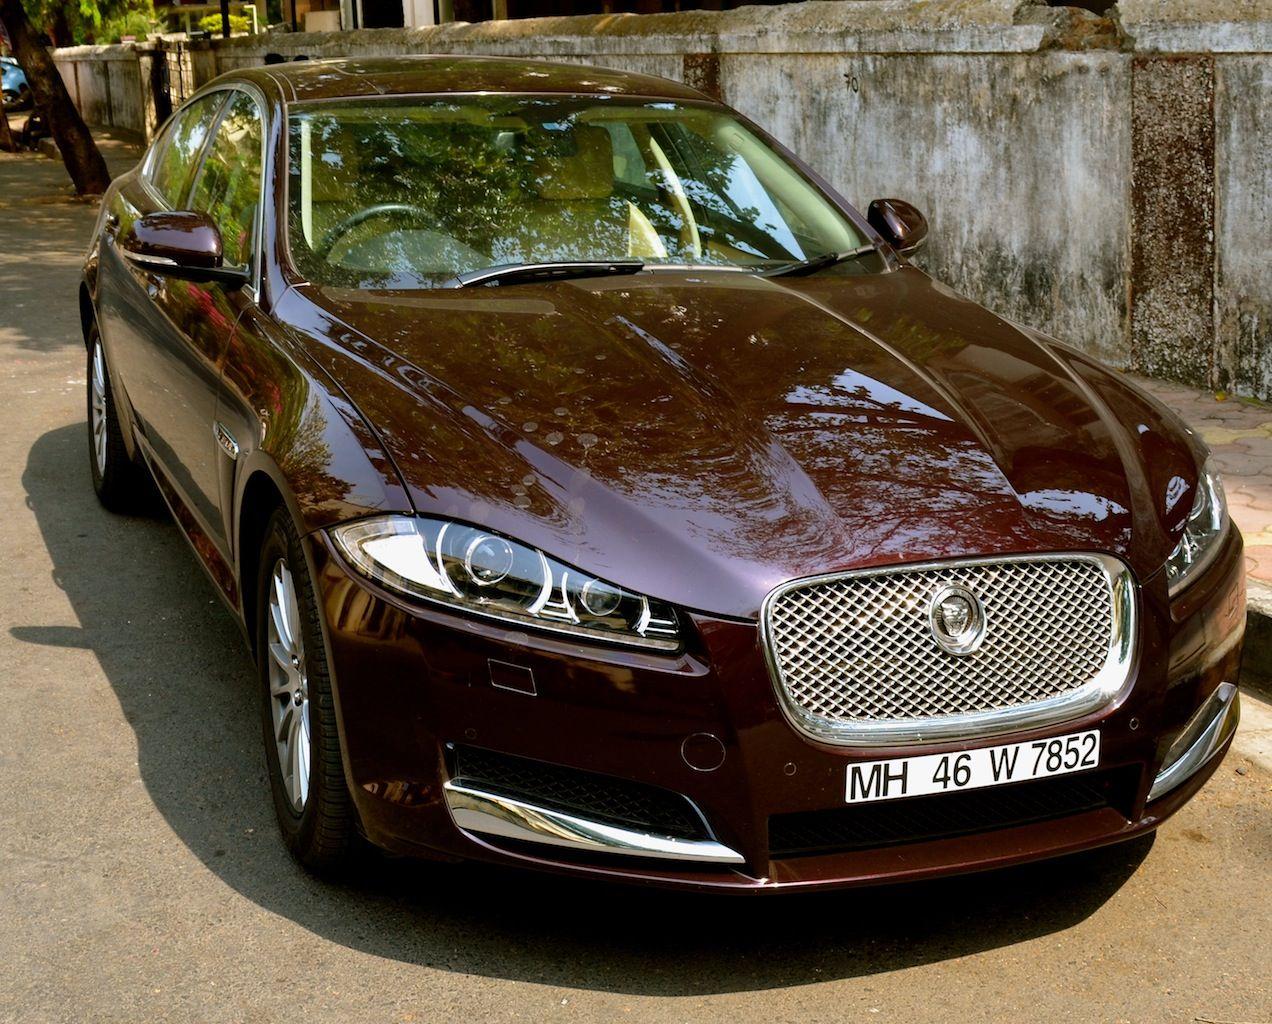 Brown Jaguar Xk Jaguar Xf Jaguar Jaguar Xk